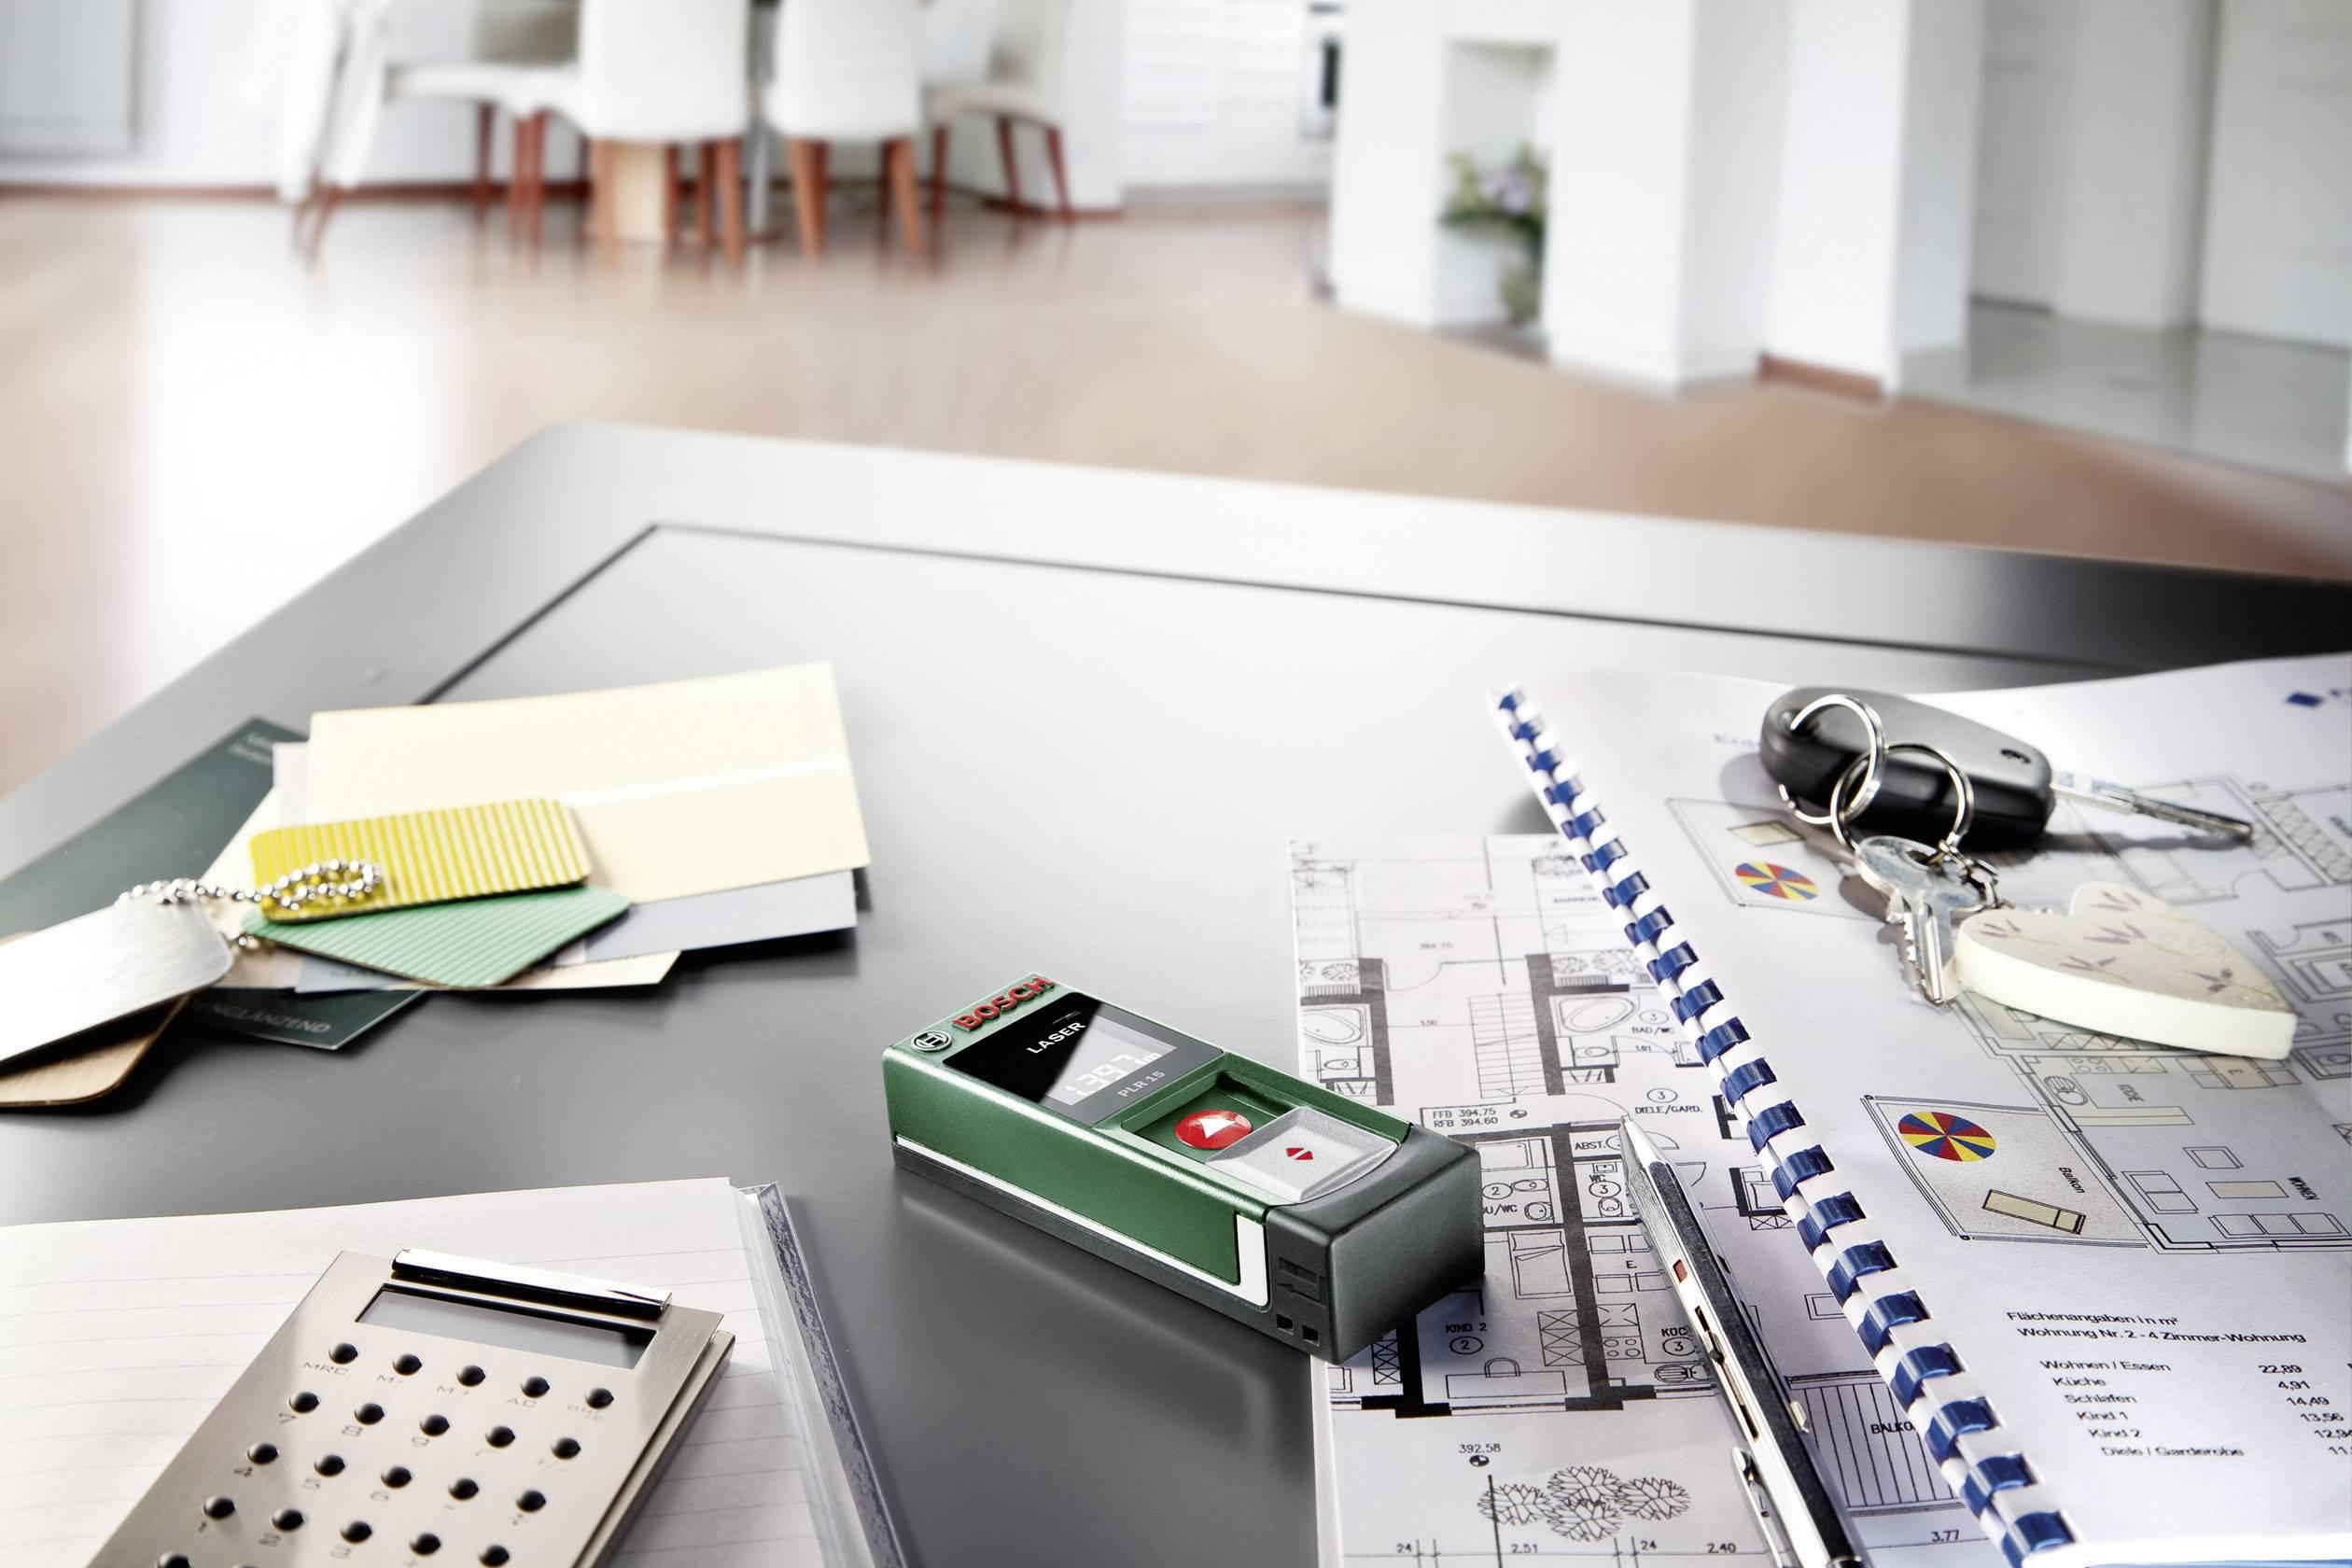 Bosch Entfernungsmesser Plr 30 C : Bosch home and garden plr laser entfernungsmesser messbereich